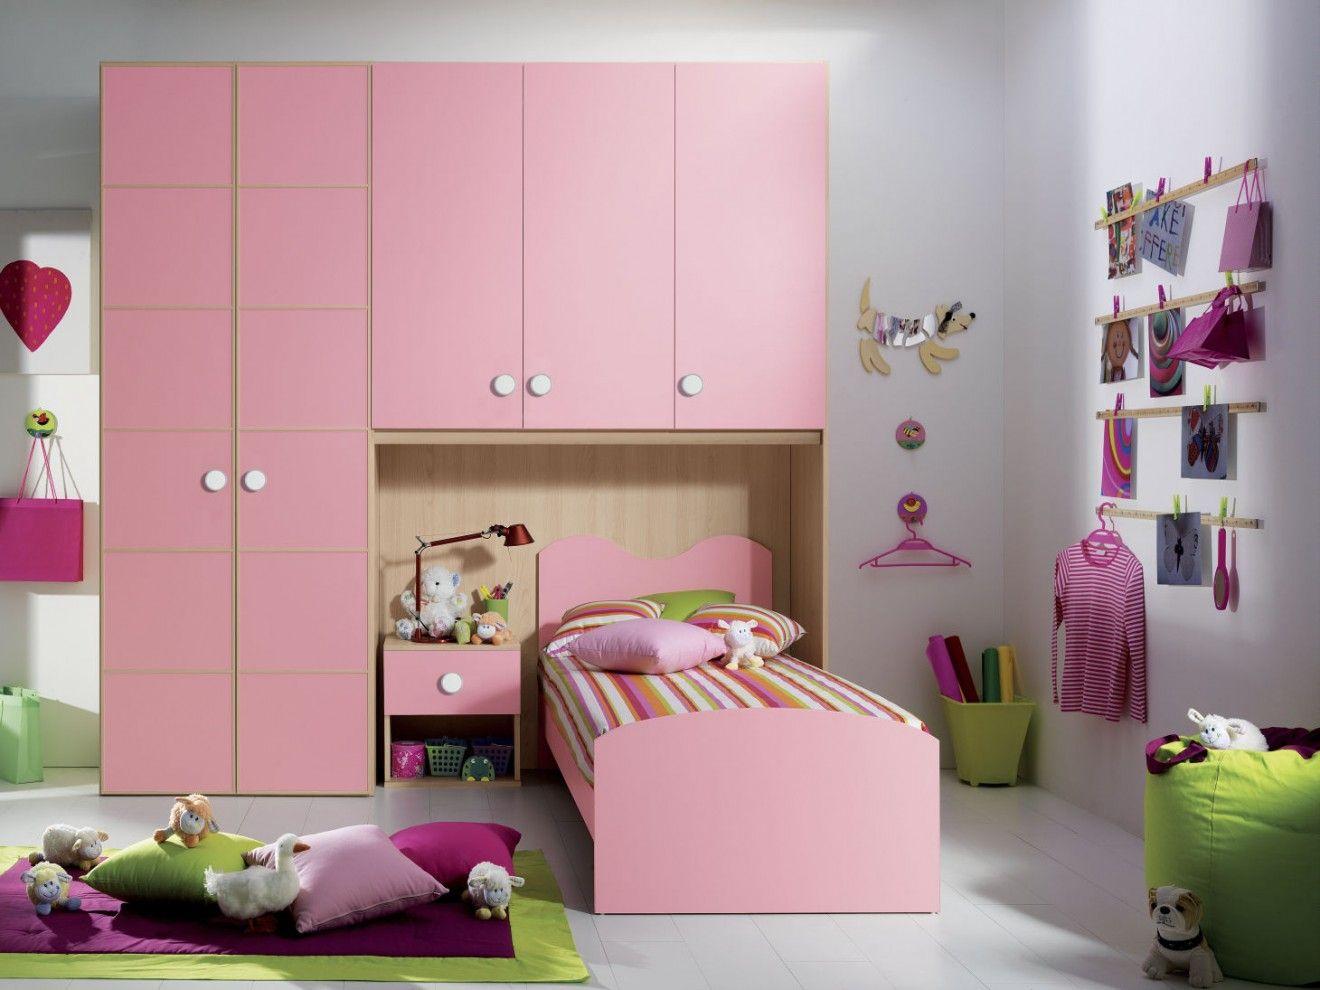 Design Camerette ~ Camerette a ponte martina #camerette #bedrooms #design #furnishing